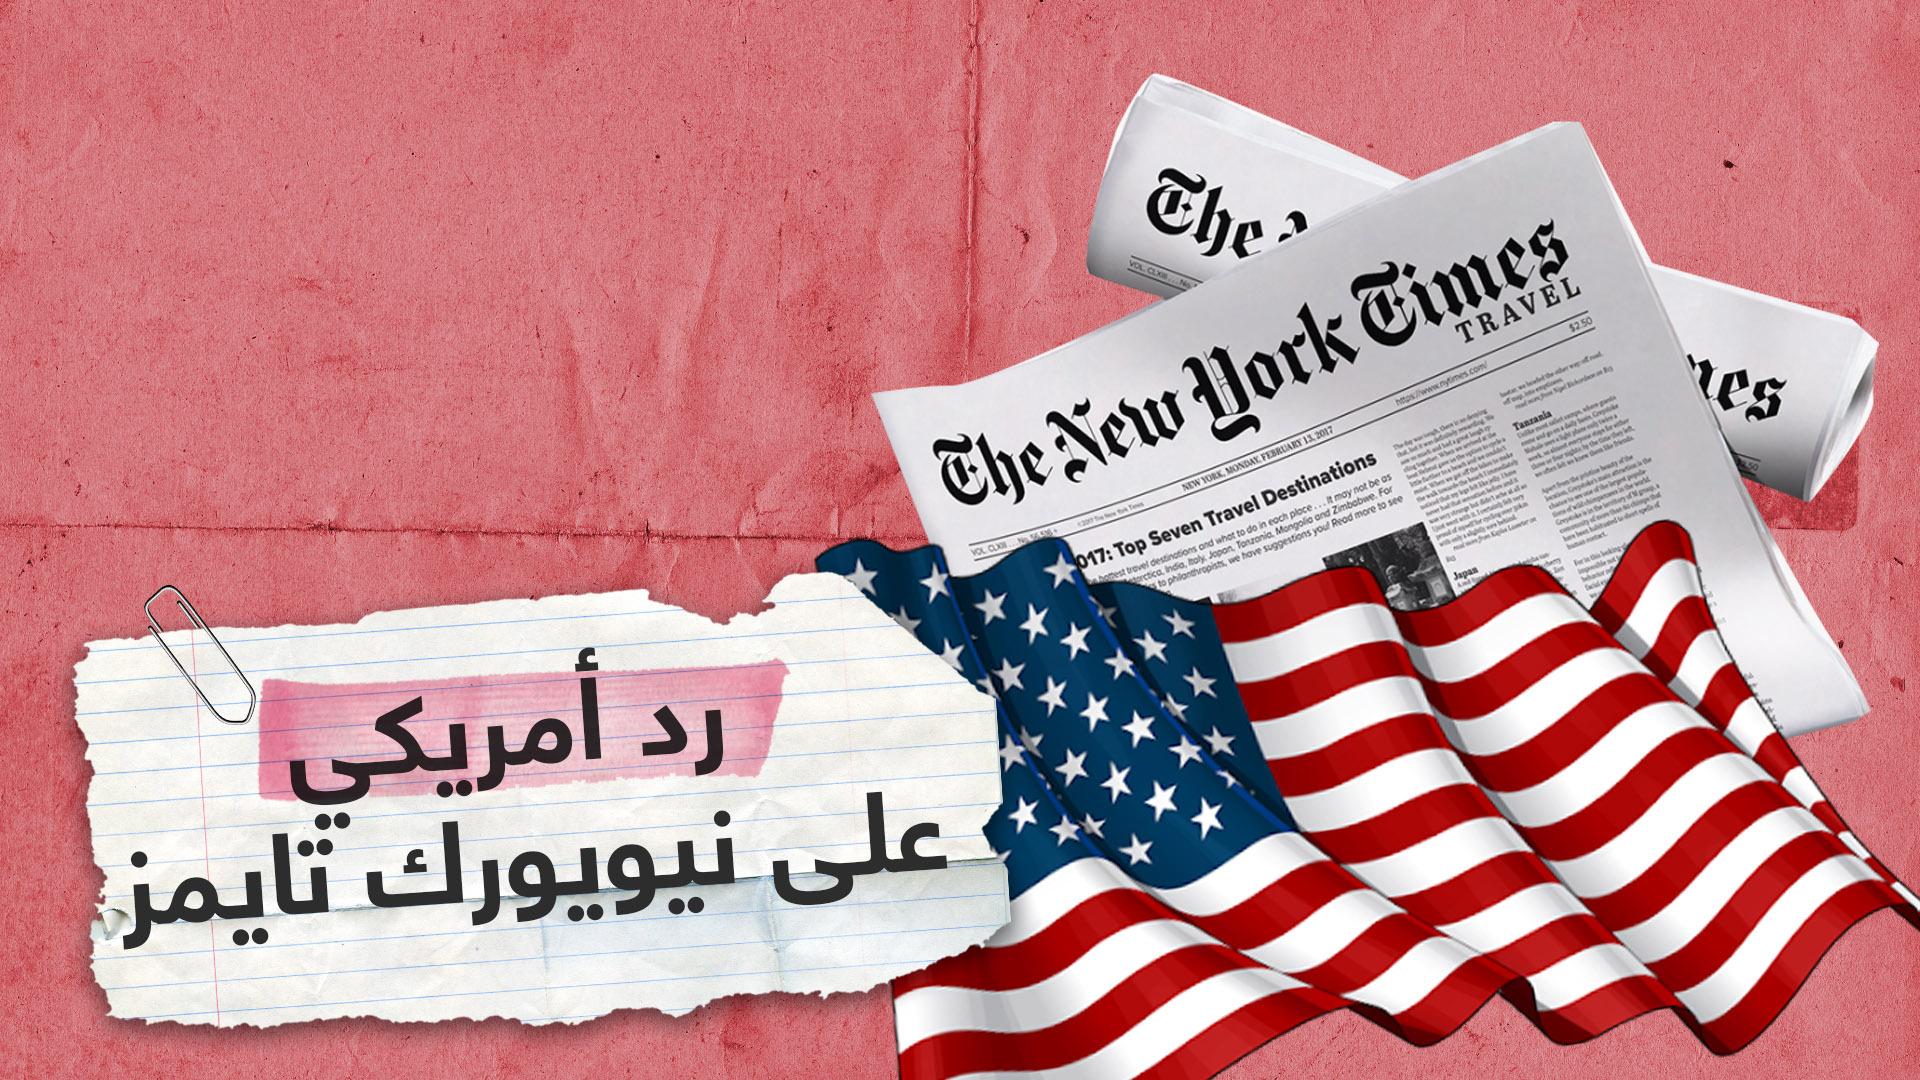 البنتاغون يرد على تقرير نيويورك تايمز بشأن روسيا